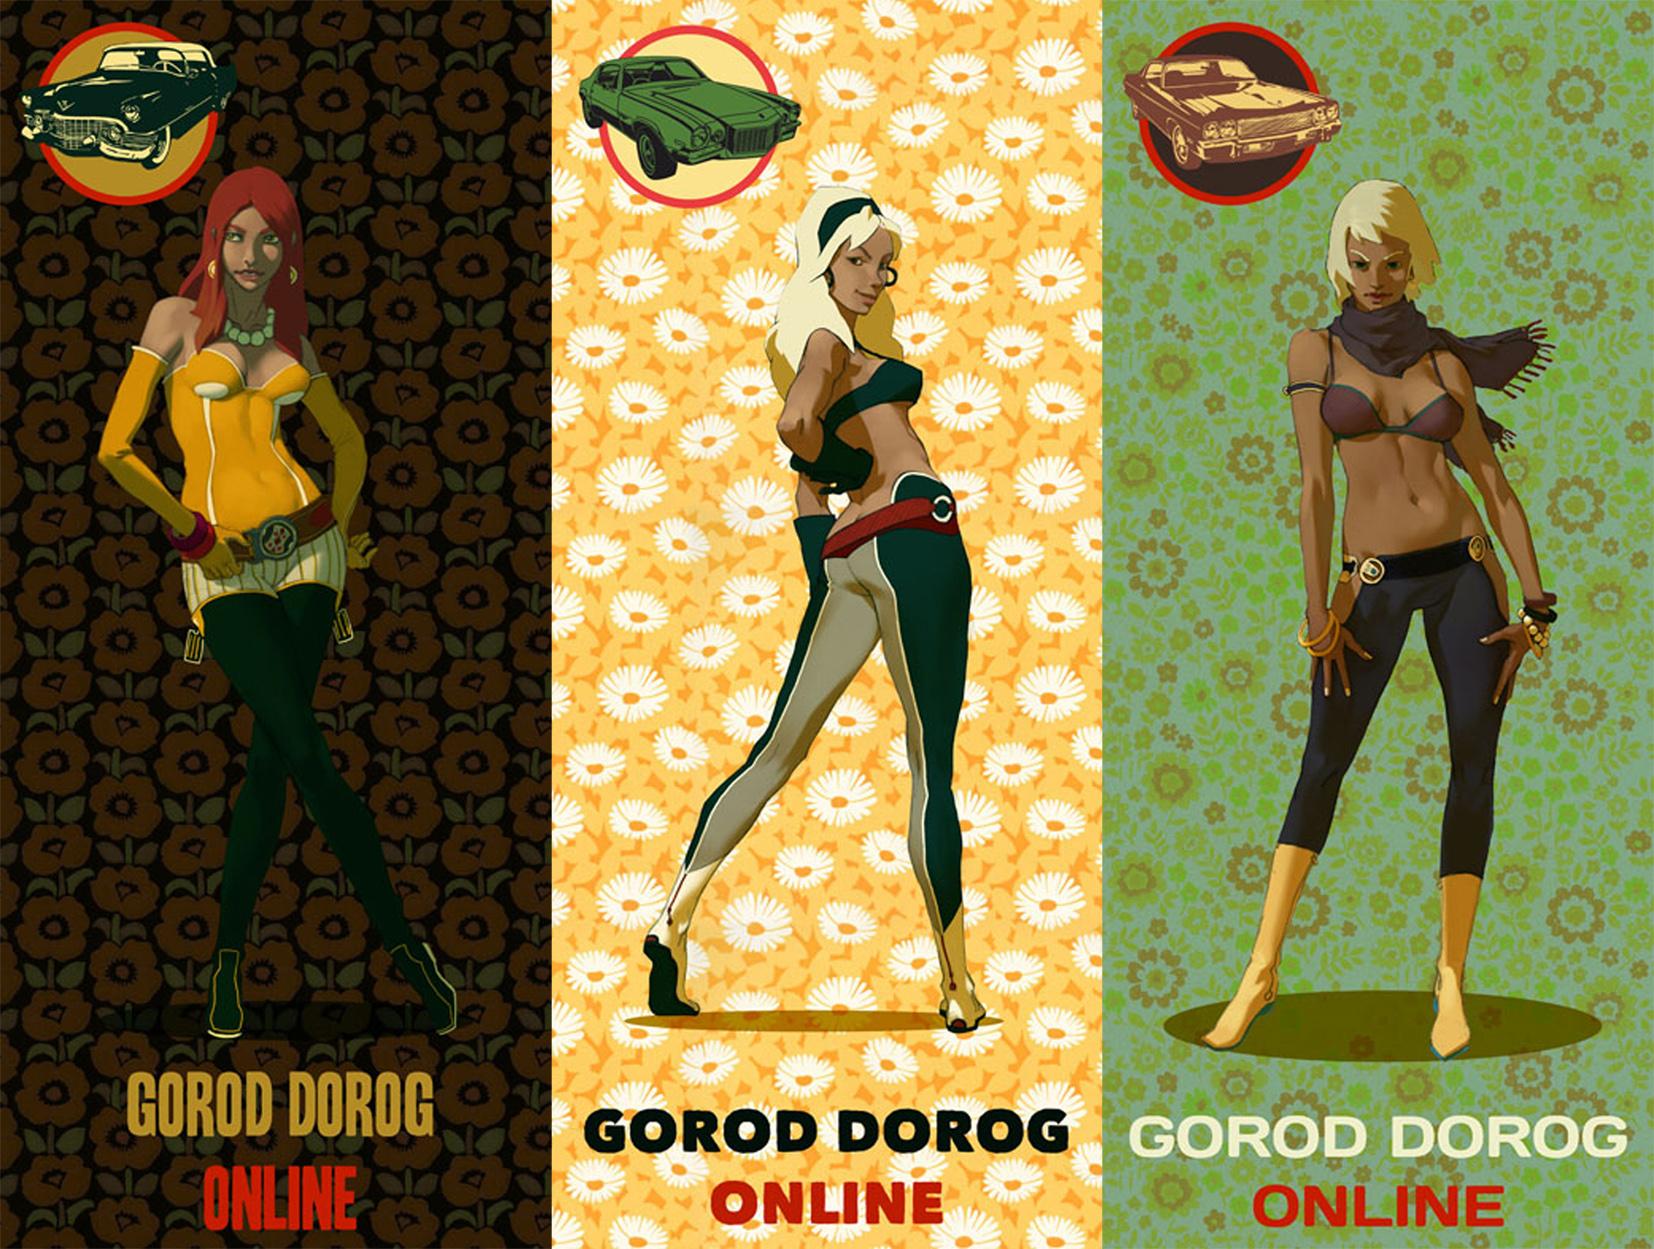 Gorod Dorog